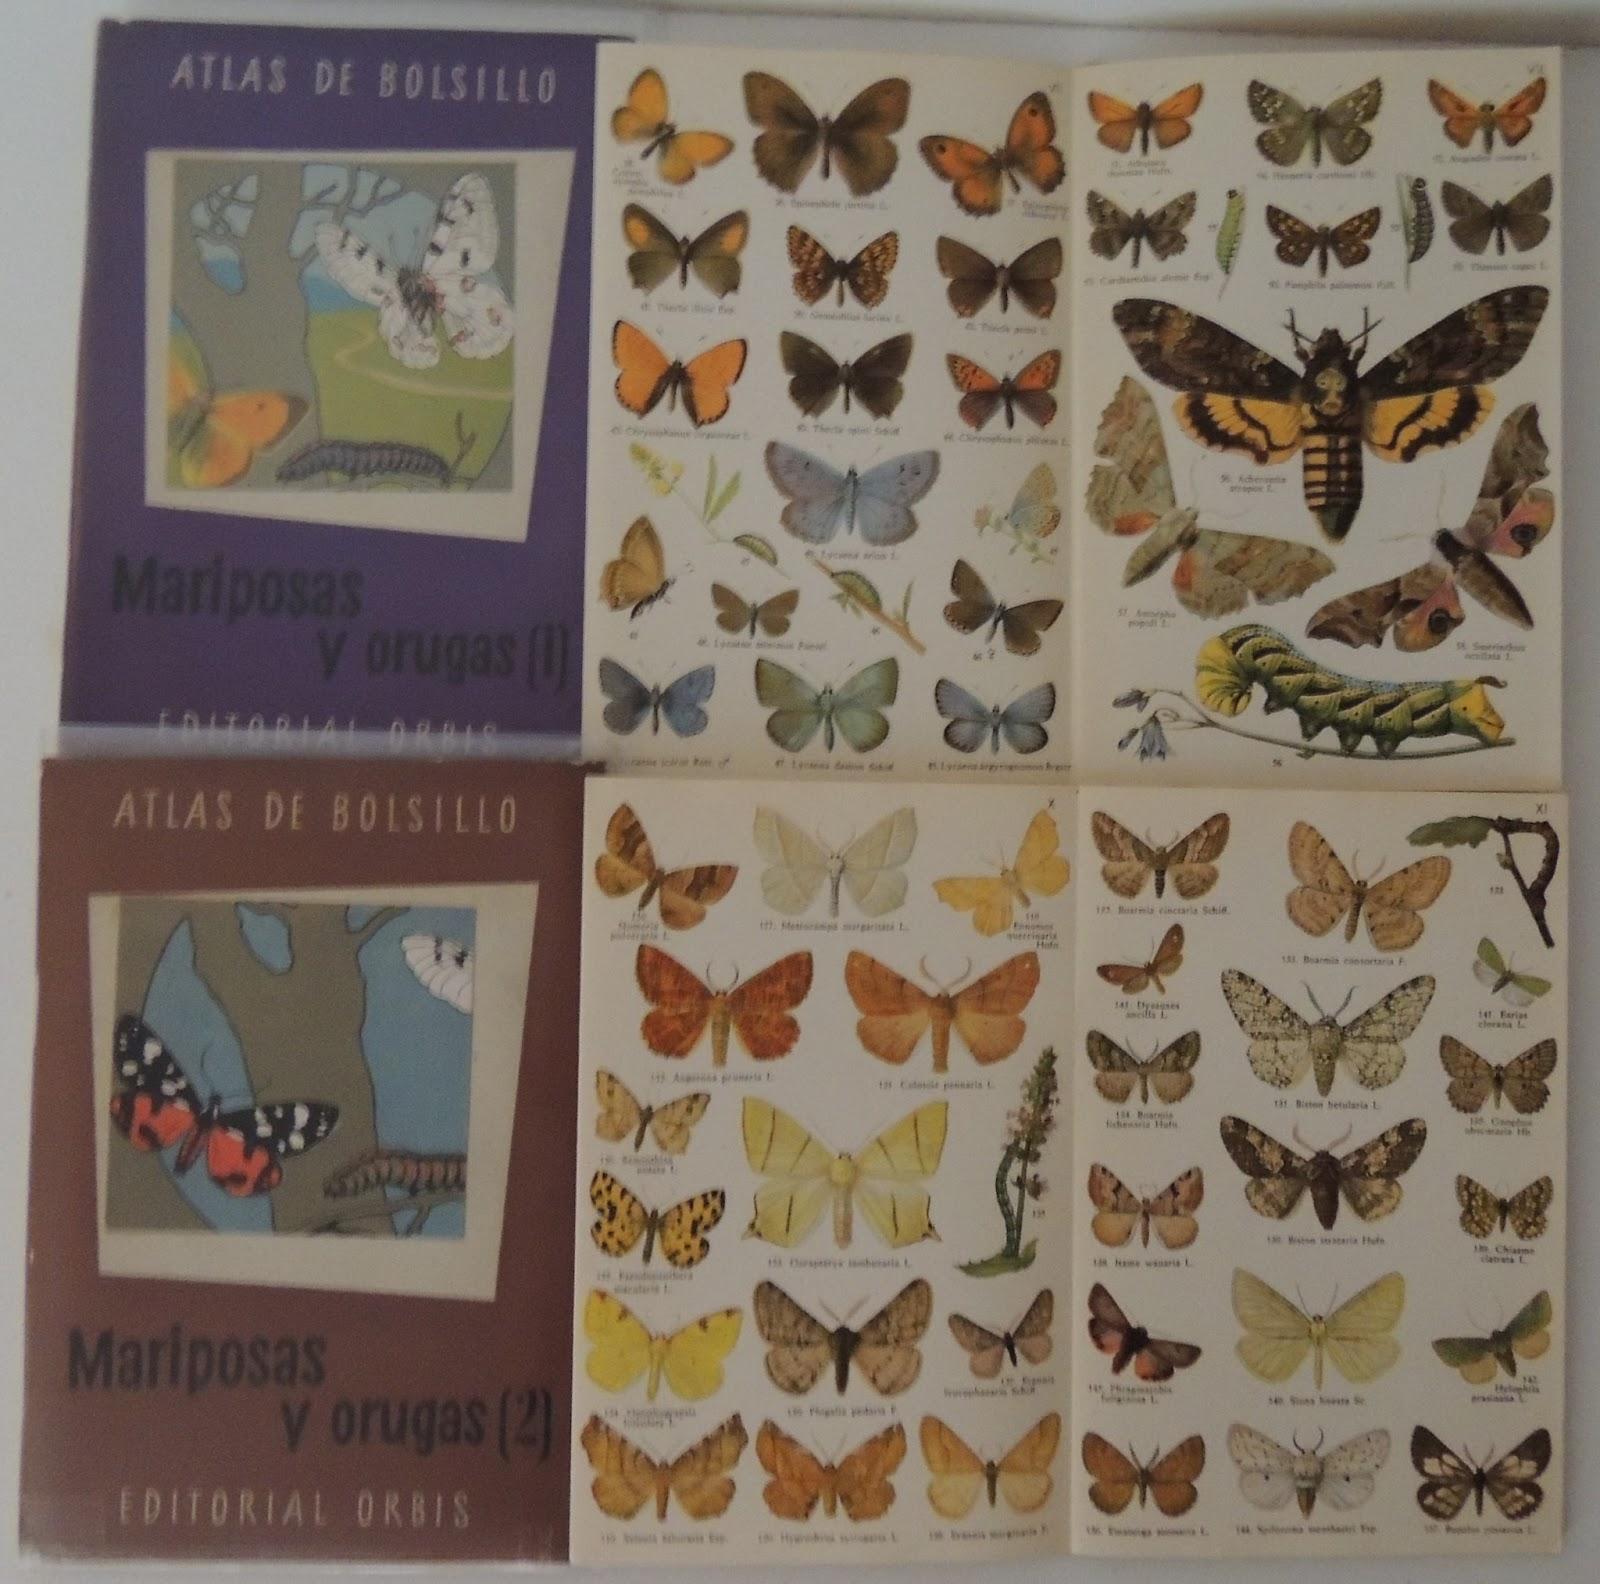 Atlas de mariposas y orugas de la fauna europea